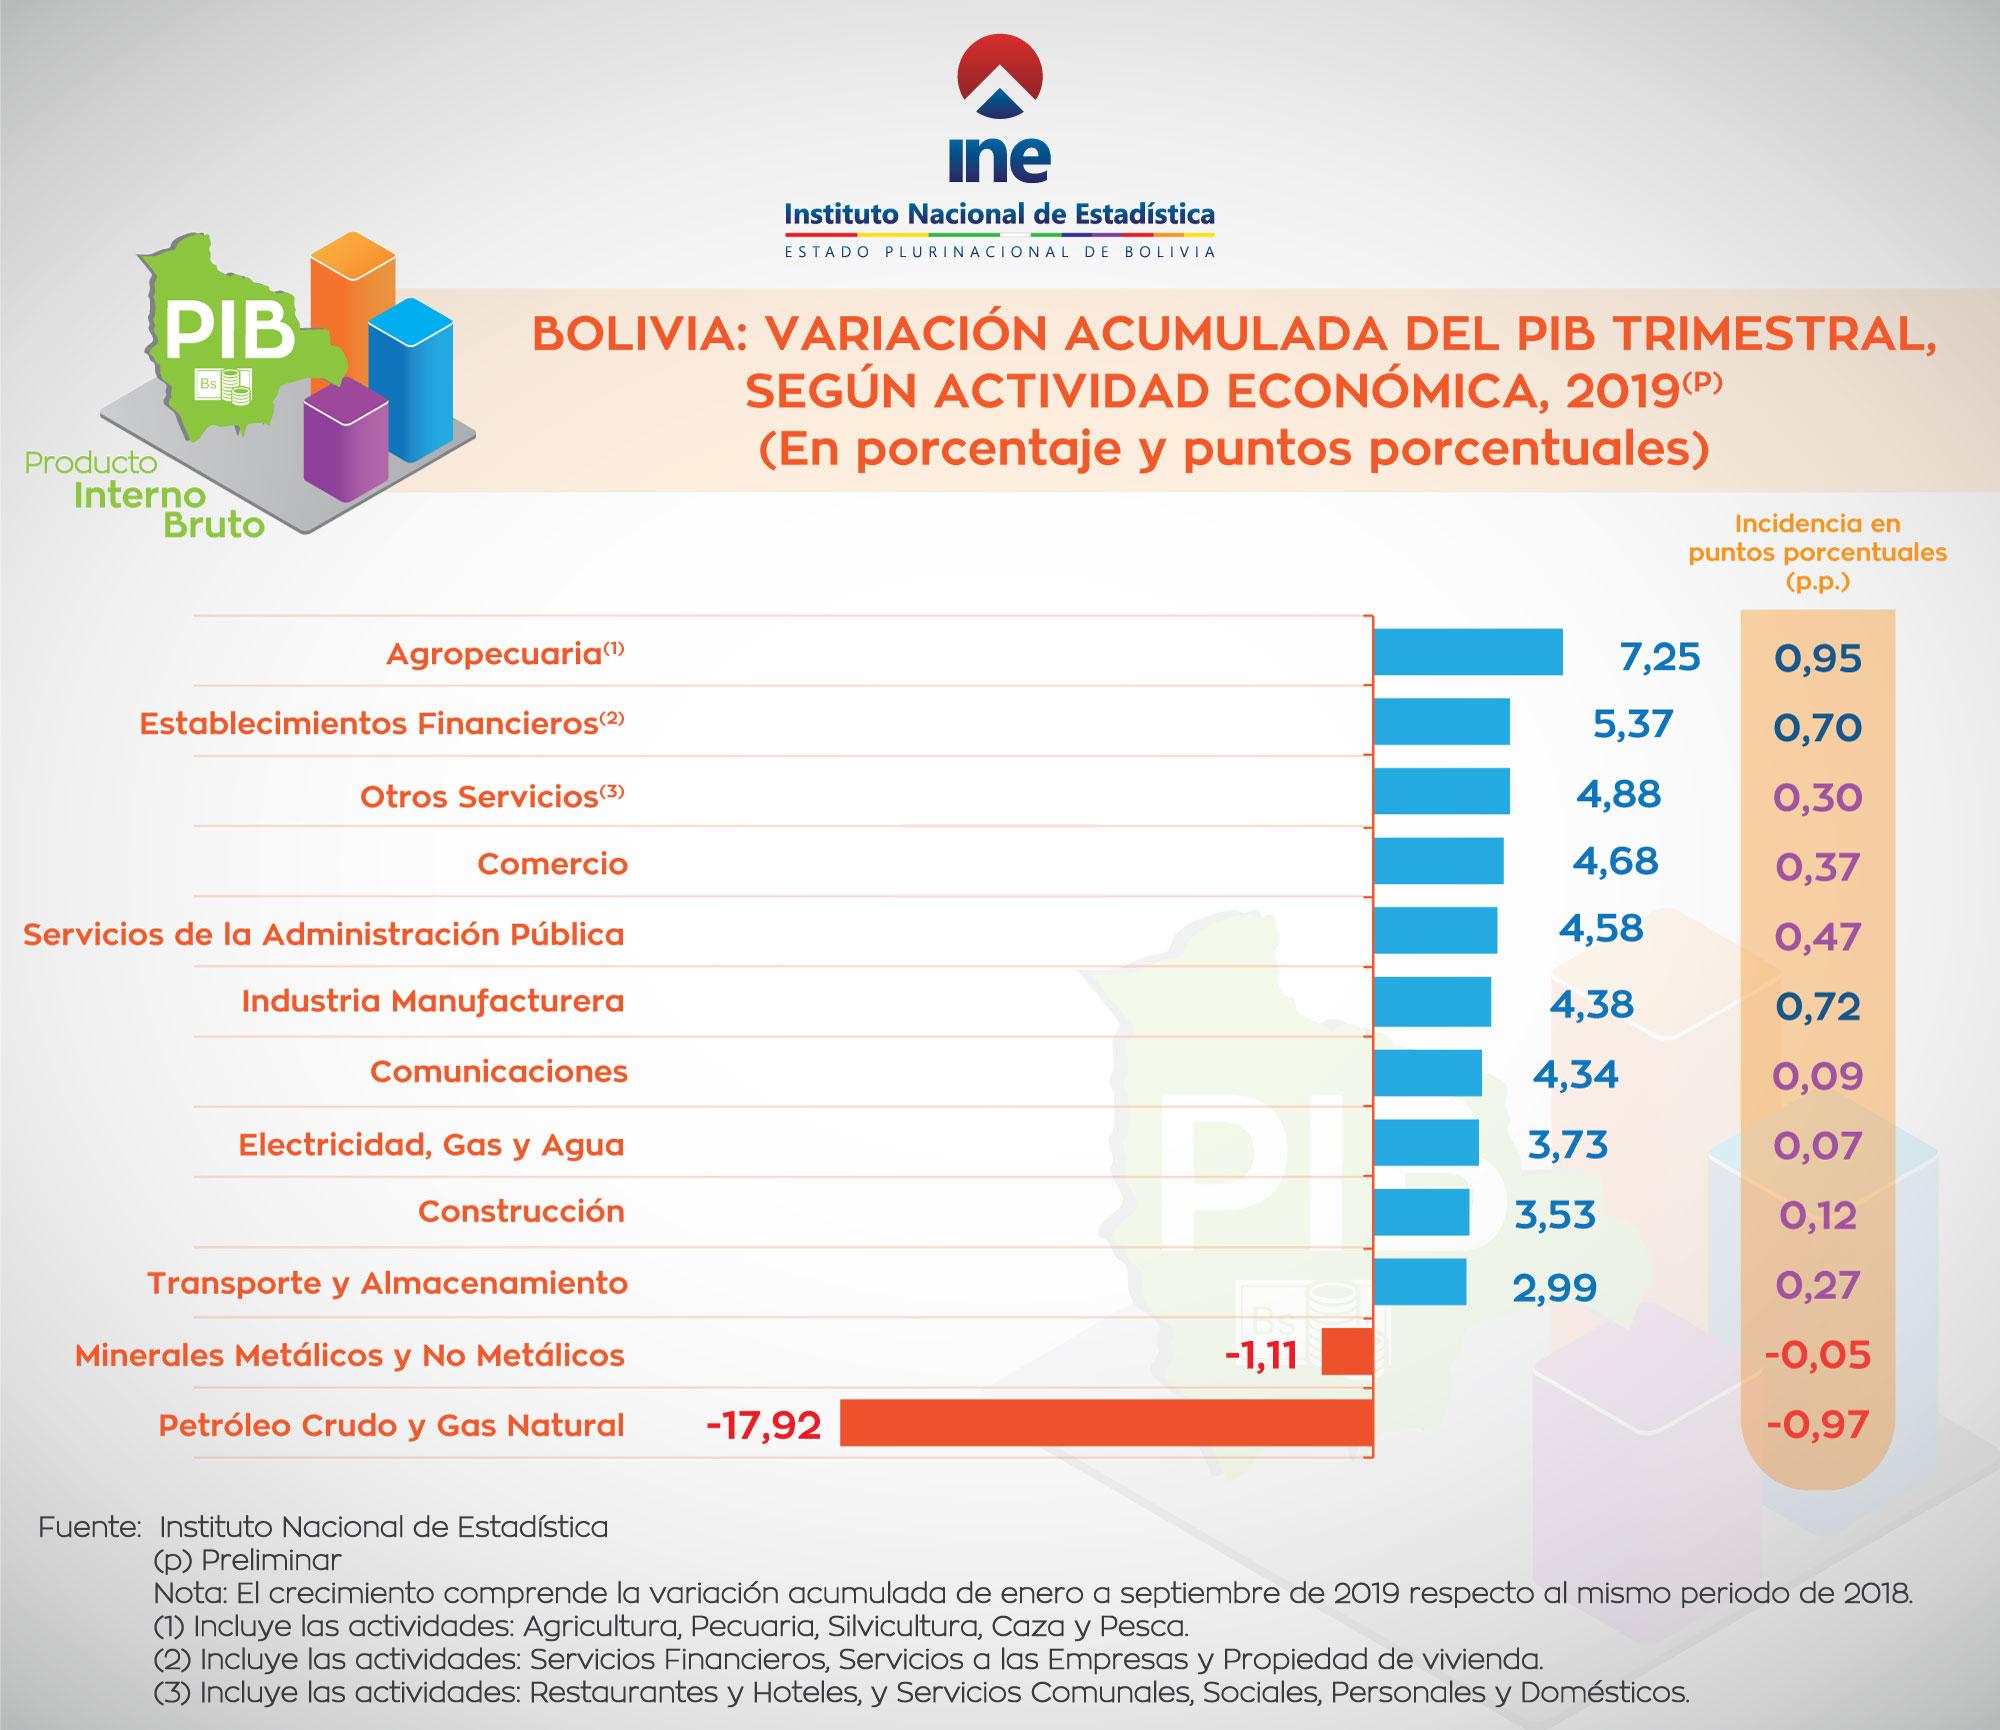 BOLIVIA: VARIACION ACUMULADA DEL PIB TRIMESTRAL, SEGUN ACTIVIDAD ECONOMICA, 2019